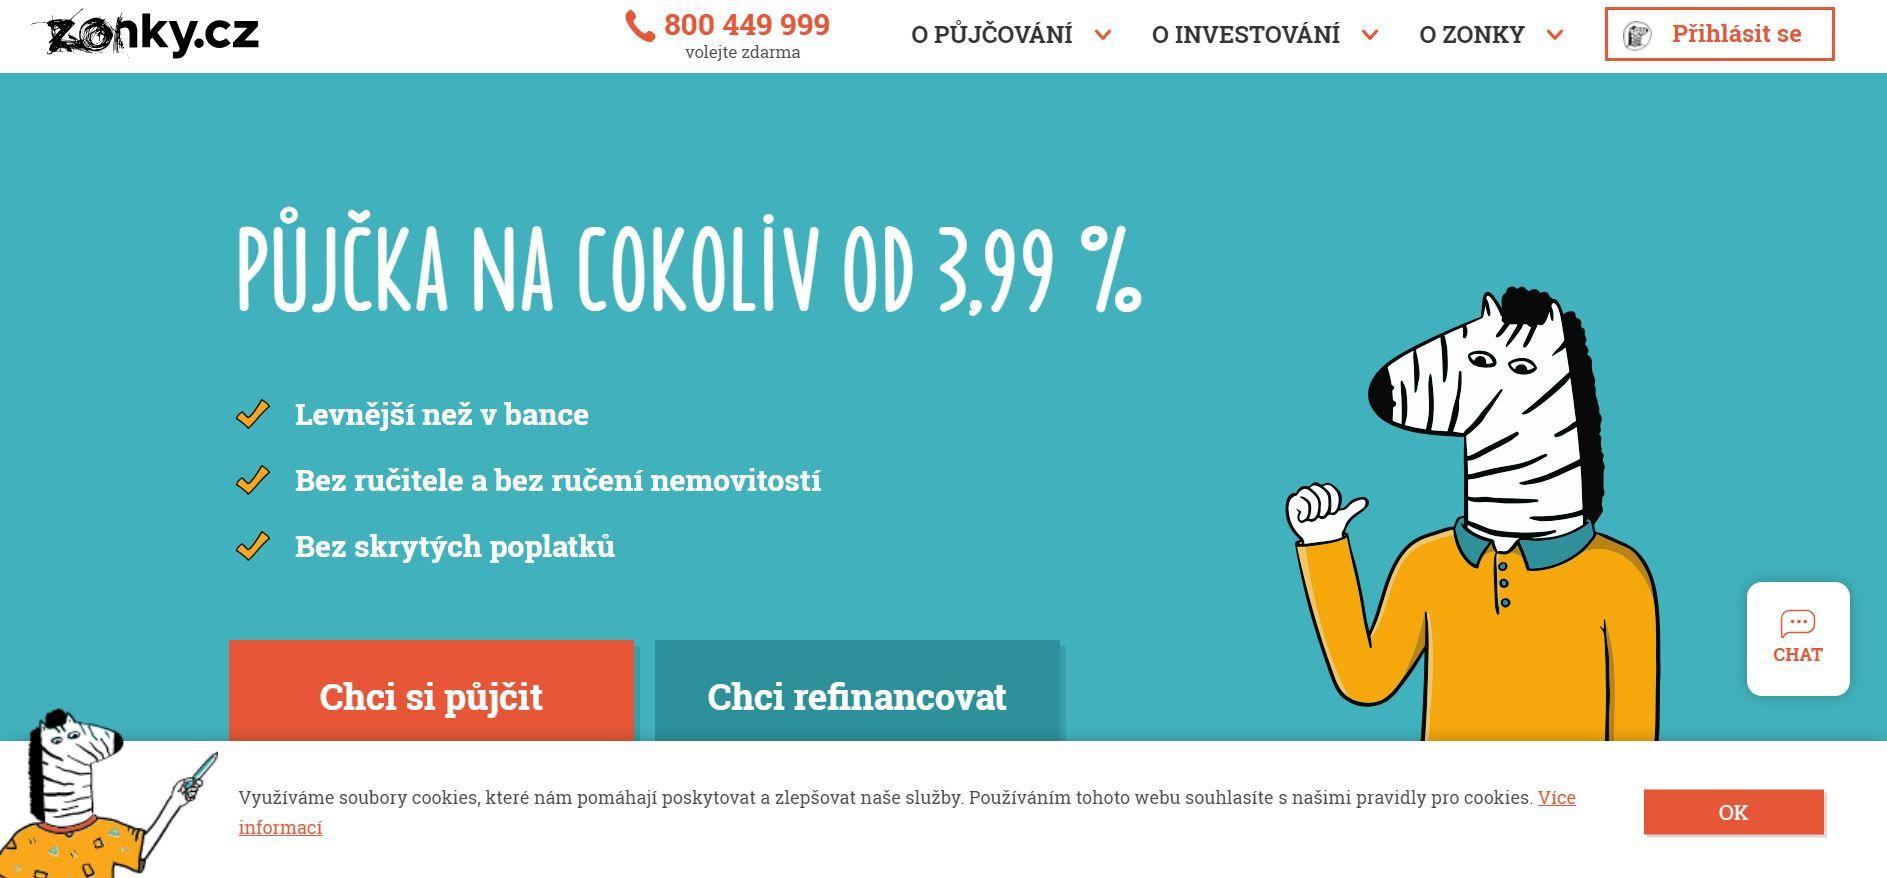 Ukázka nápaditých ilustrací nahomepage Zonky.cz